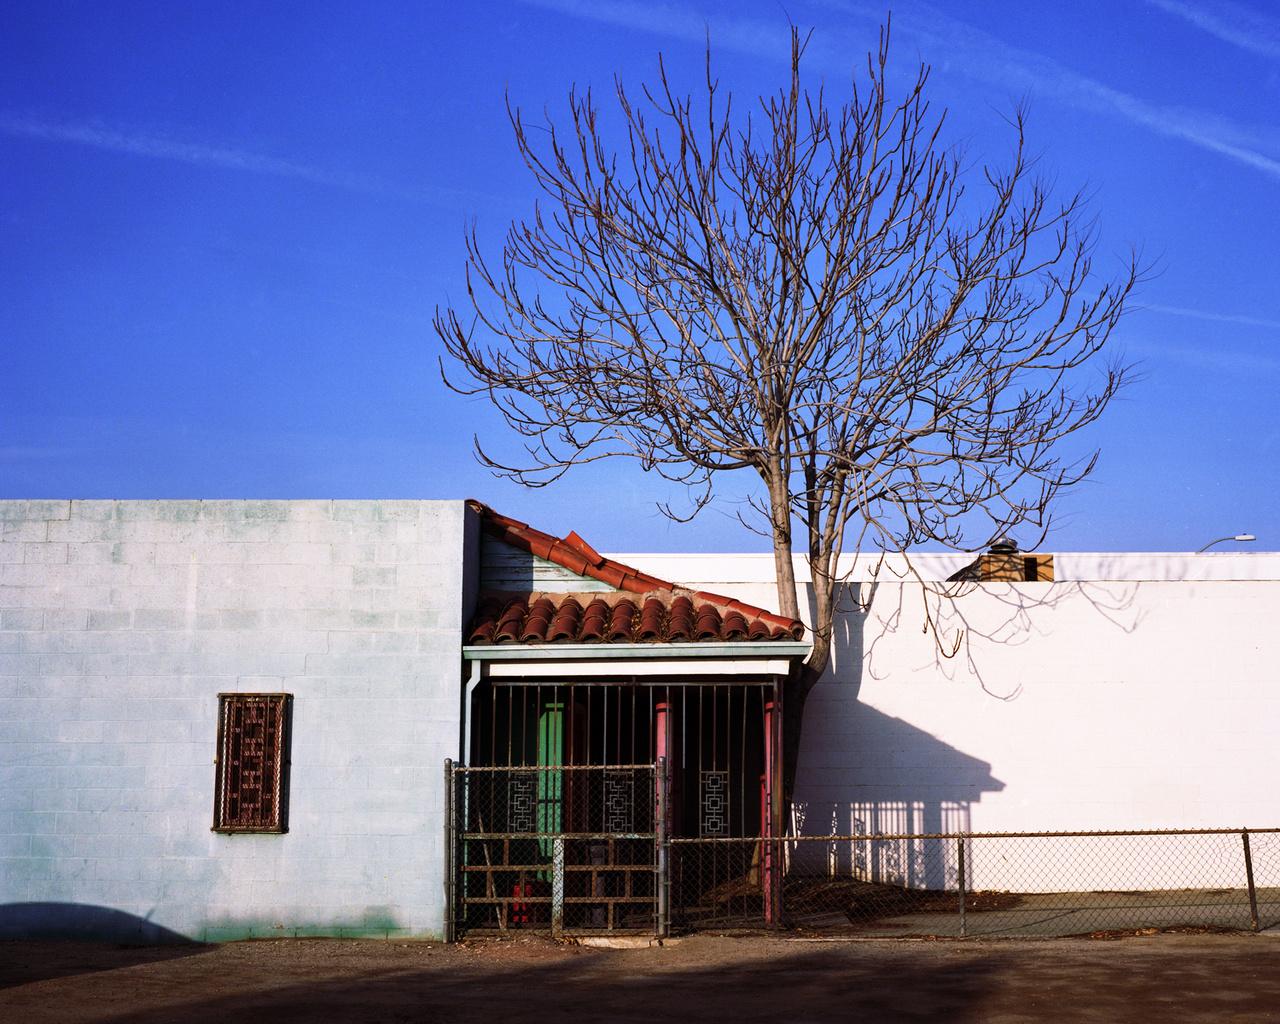 Egy korábbi kínai templom a kaliforniai Bakersfieldben.